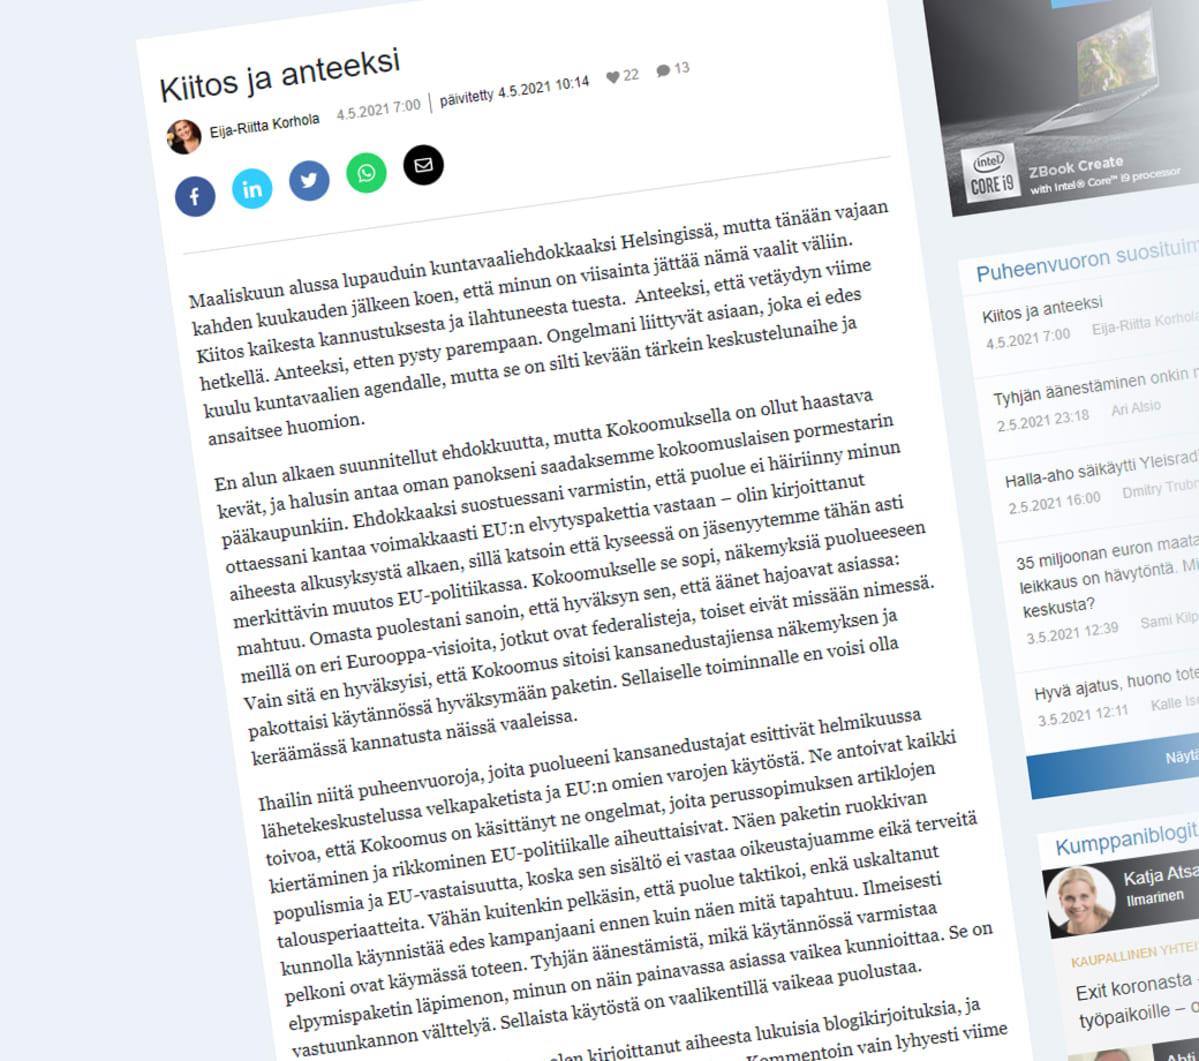 Kuvakaappaus Eija-Riitta Korholan blogista.